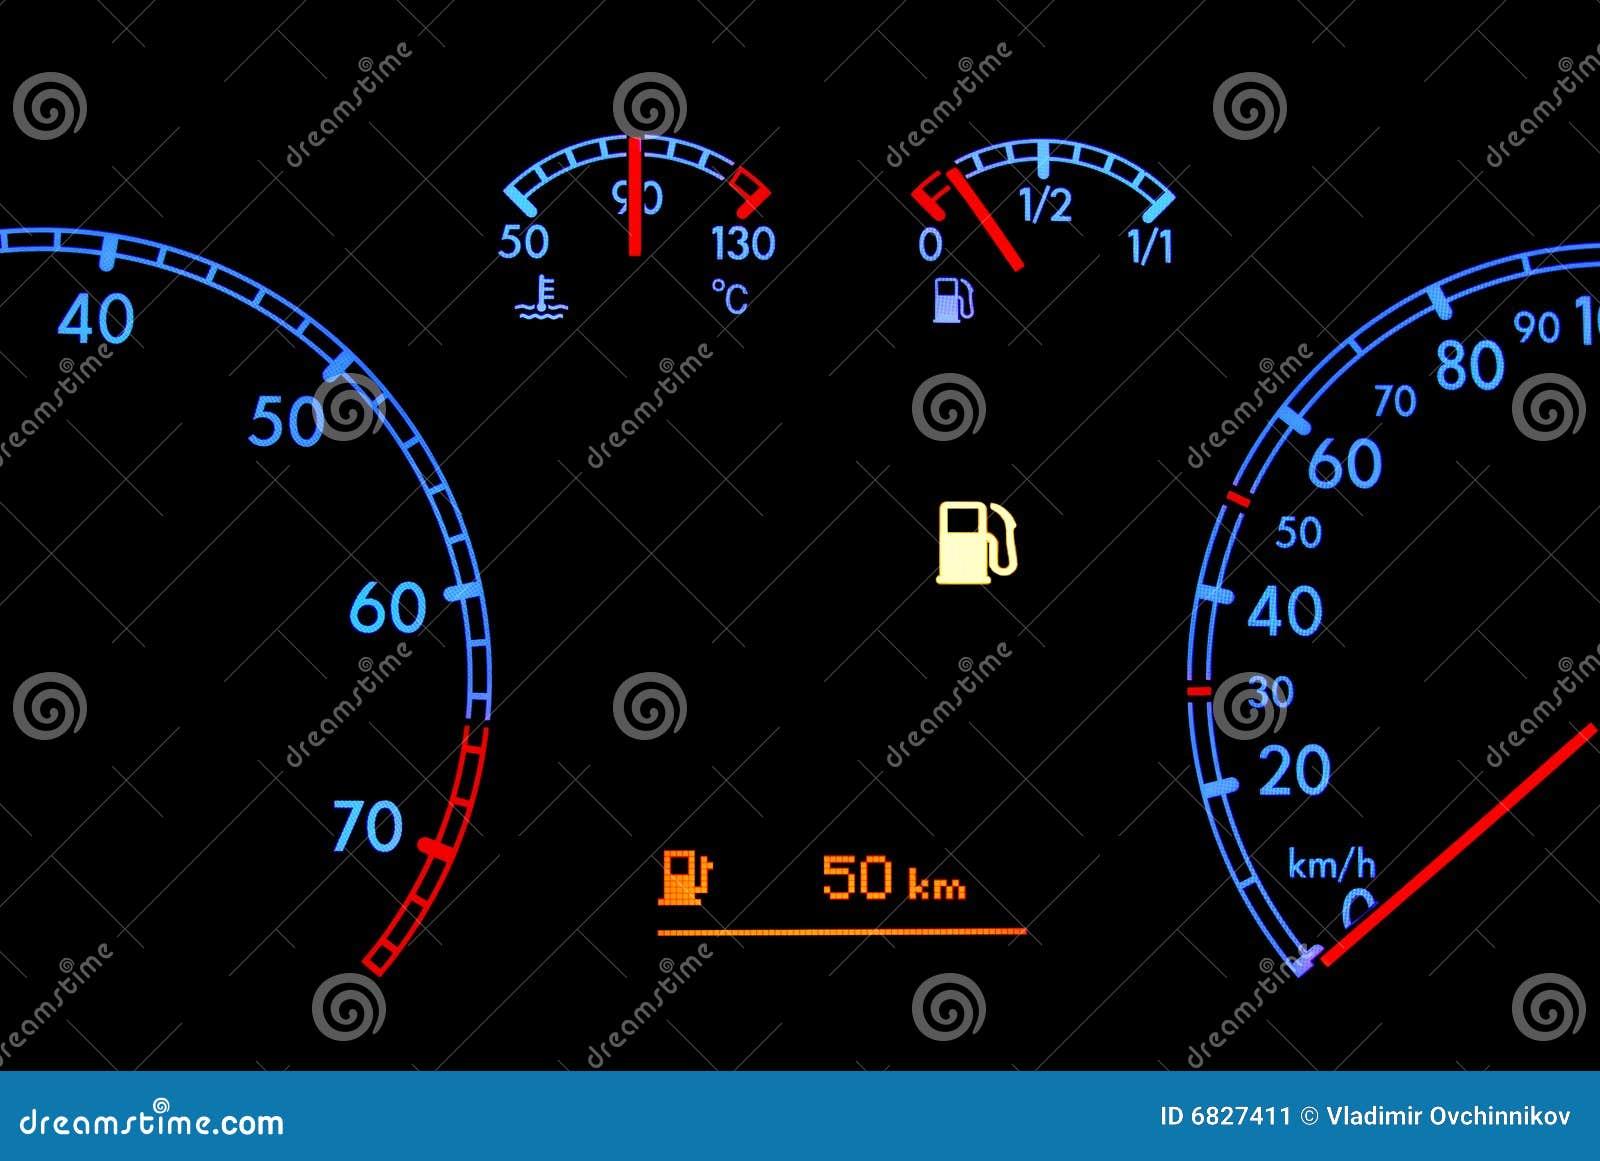 El tablero de instrumentos del coche muestra el combustible inferior